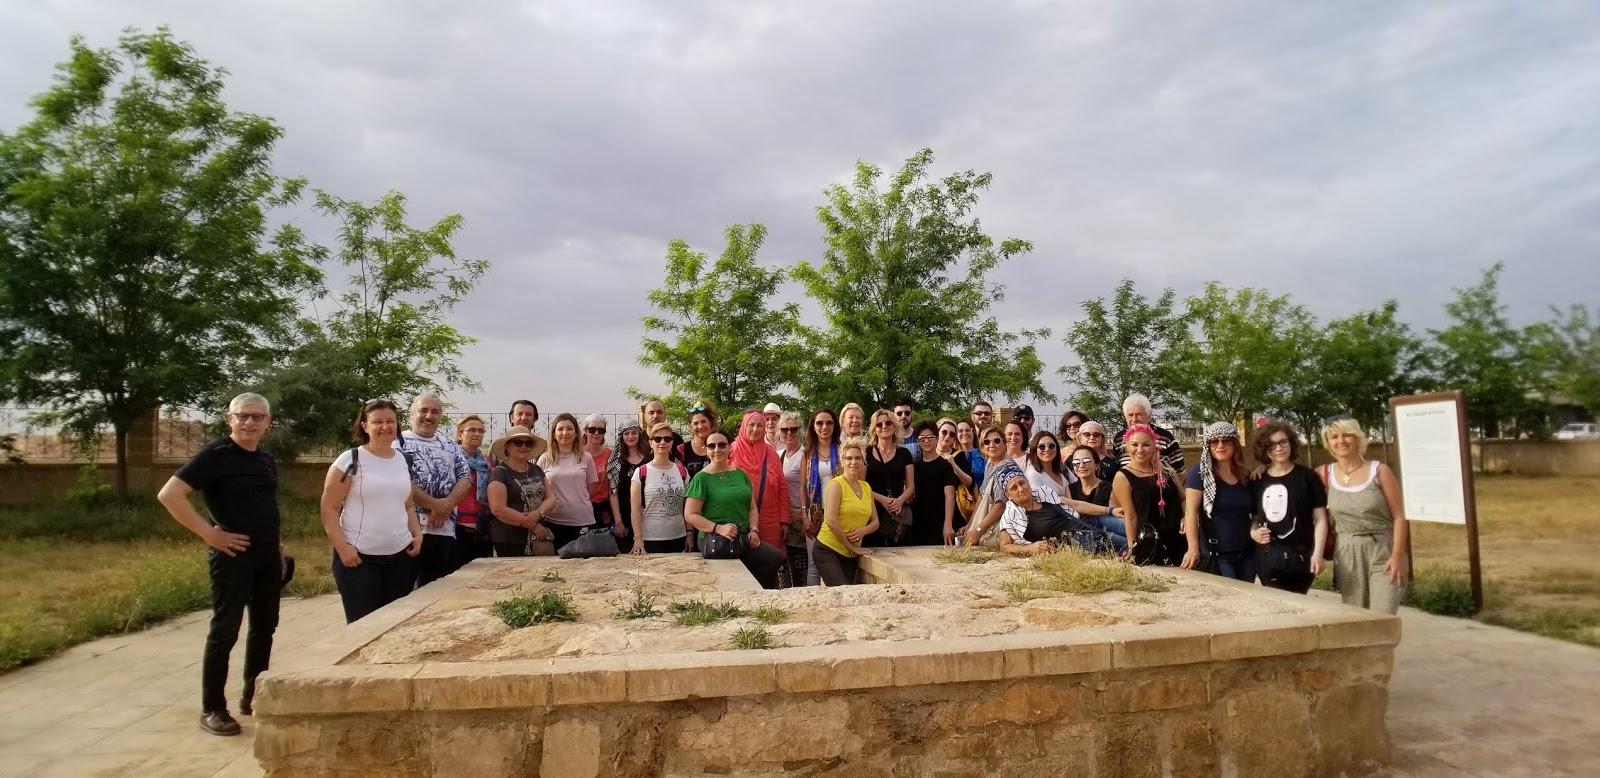 Yakup Peygamberin Harran'daki Aşk Kuyusu